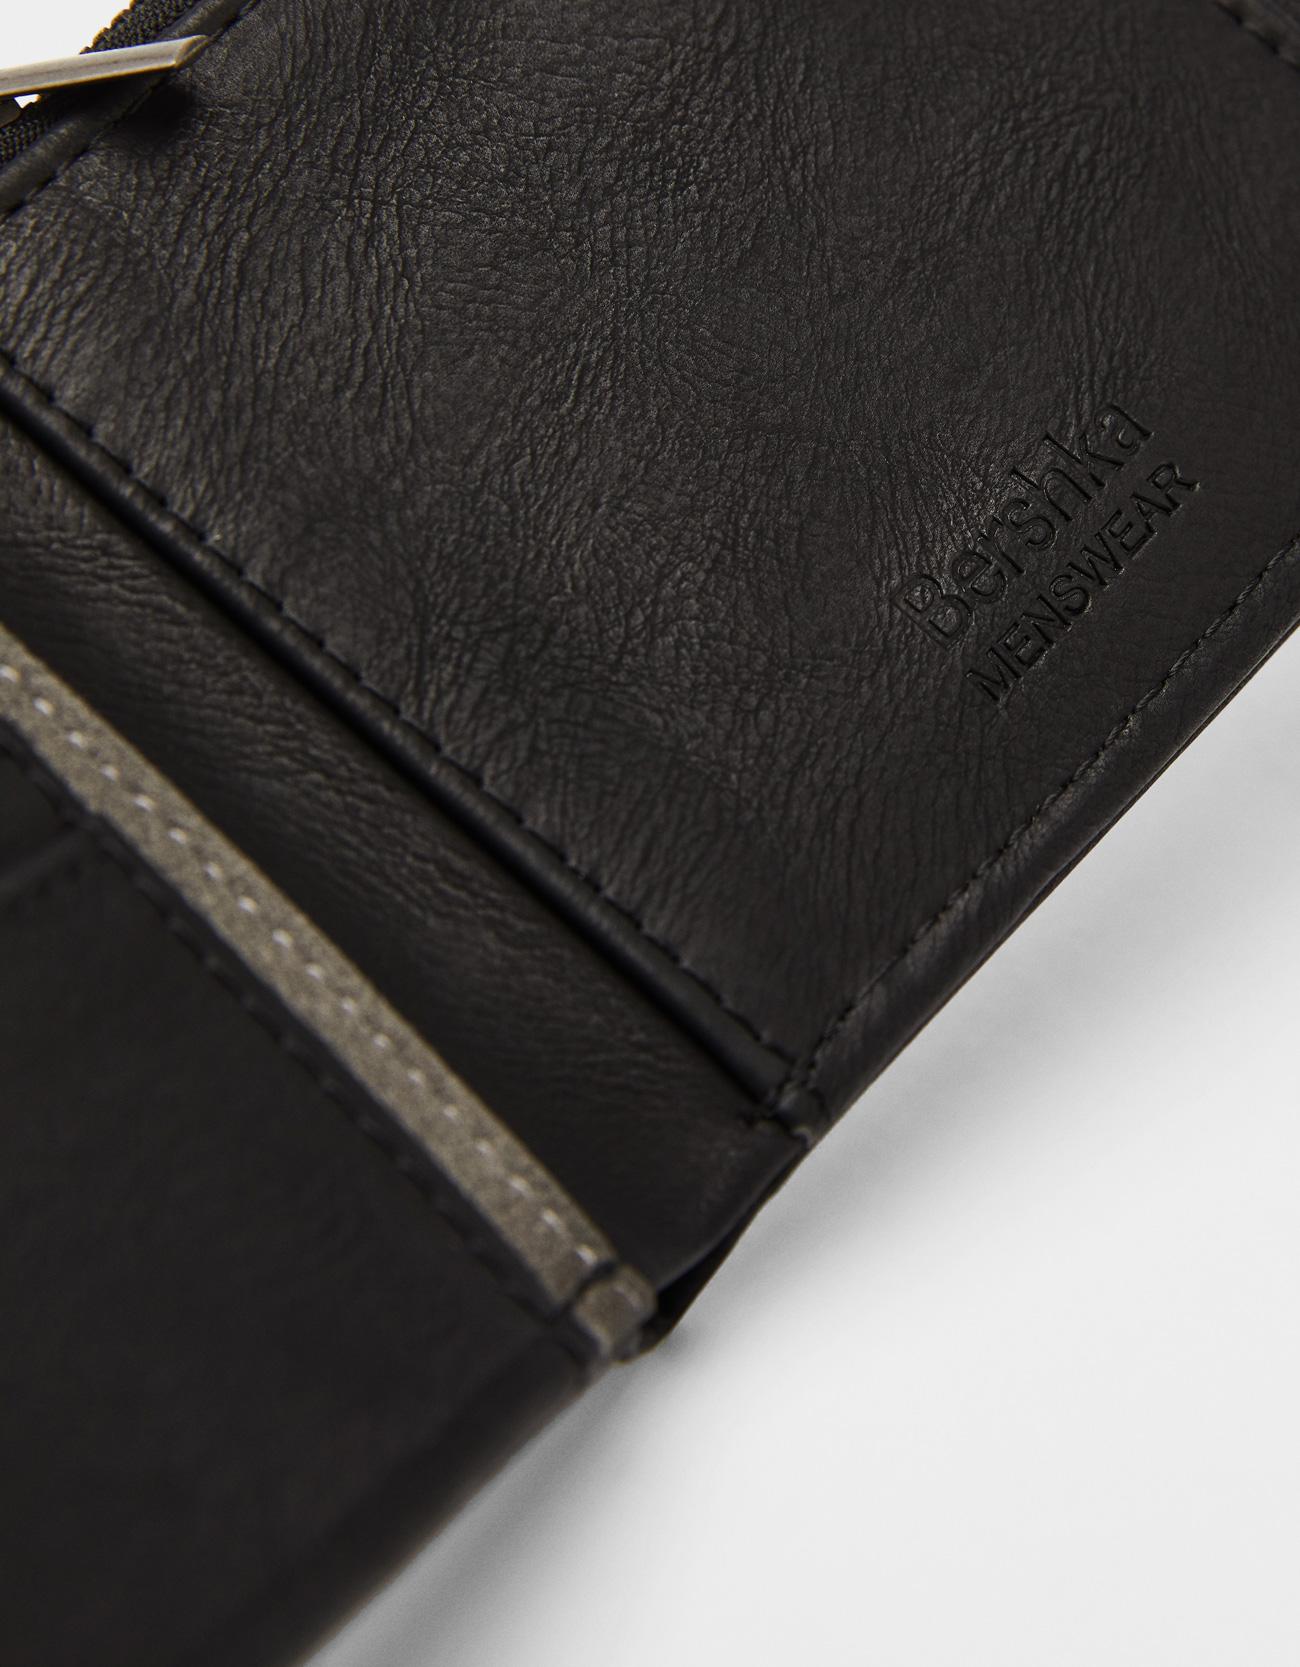 Faux leather wallet - Wallets - Bershka Czech Republic 374f7896b496e